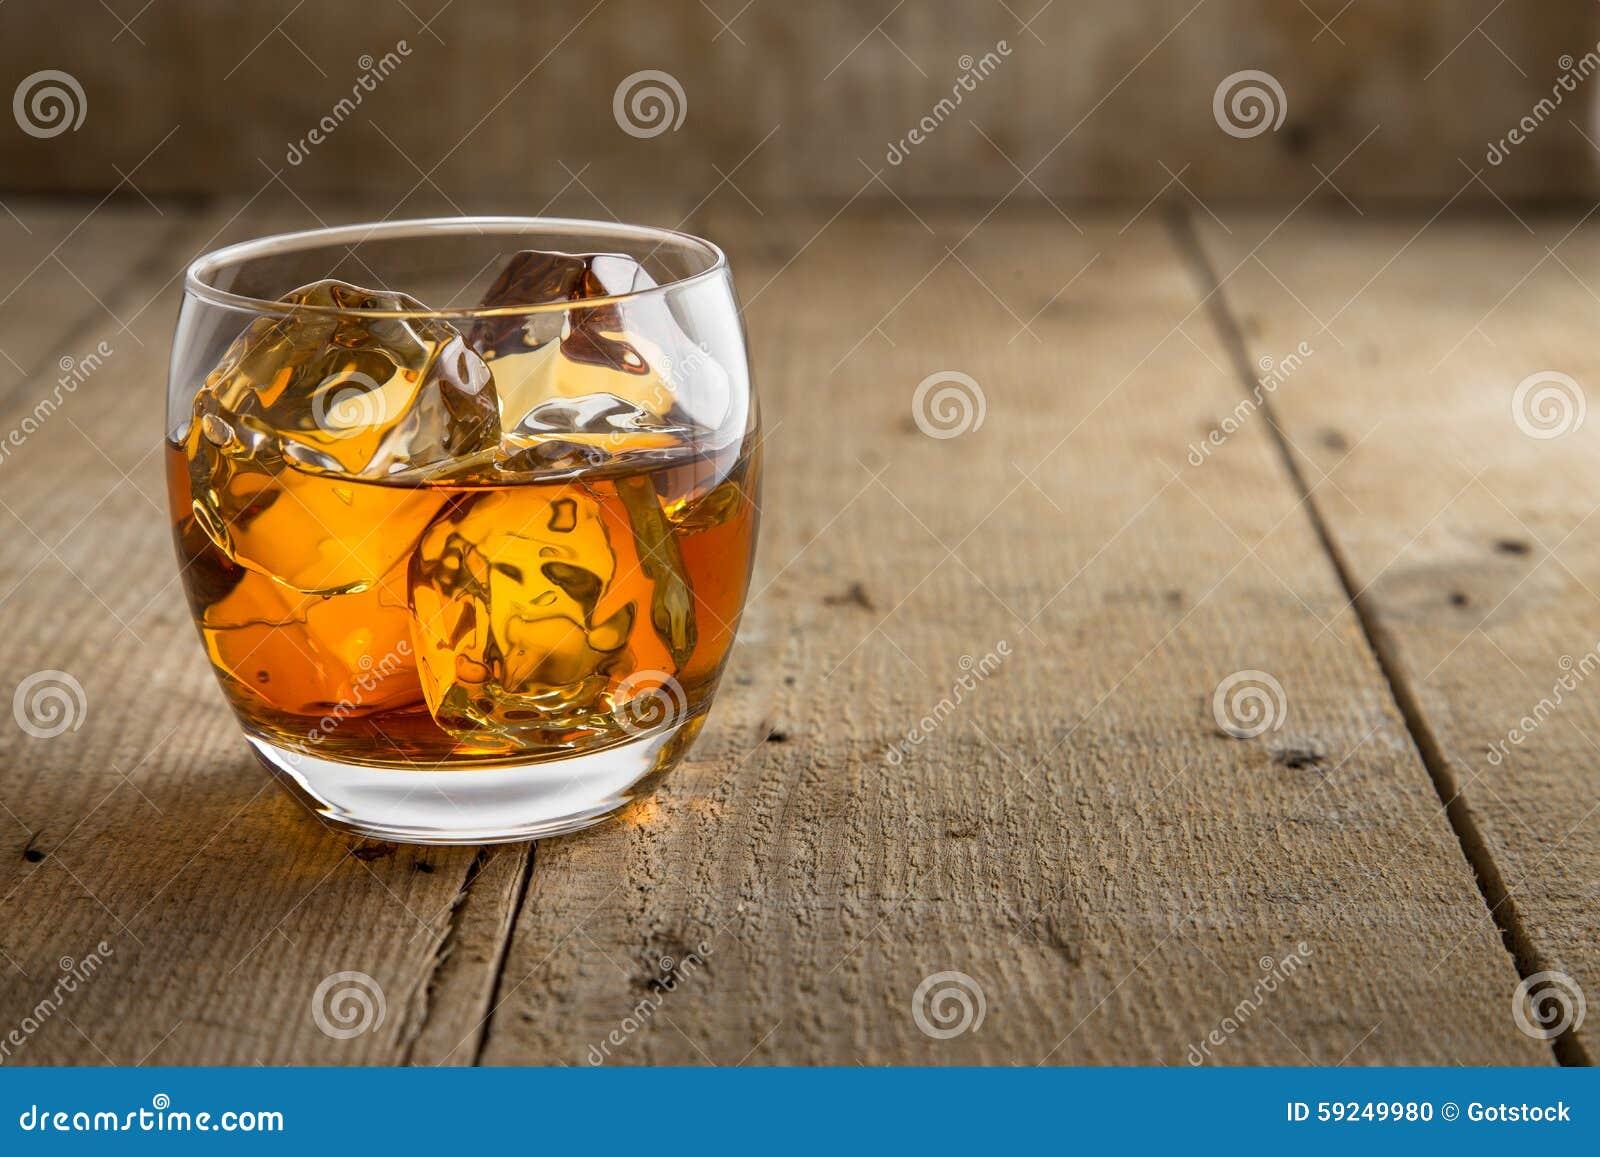 Fondo de madera rústico artístico con clase del barril de la bella arte de cristal del whisky del whisky escocés de Borbón